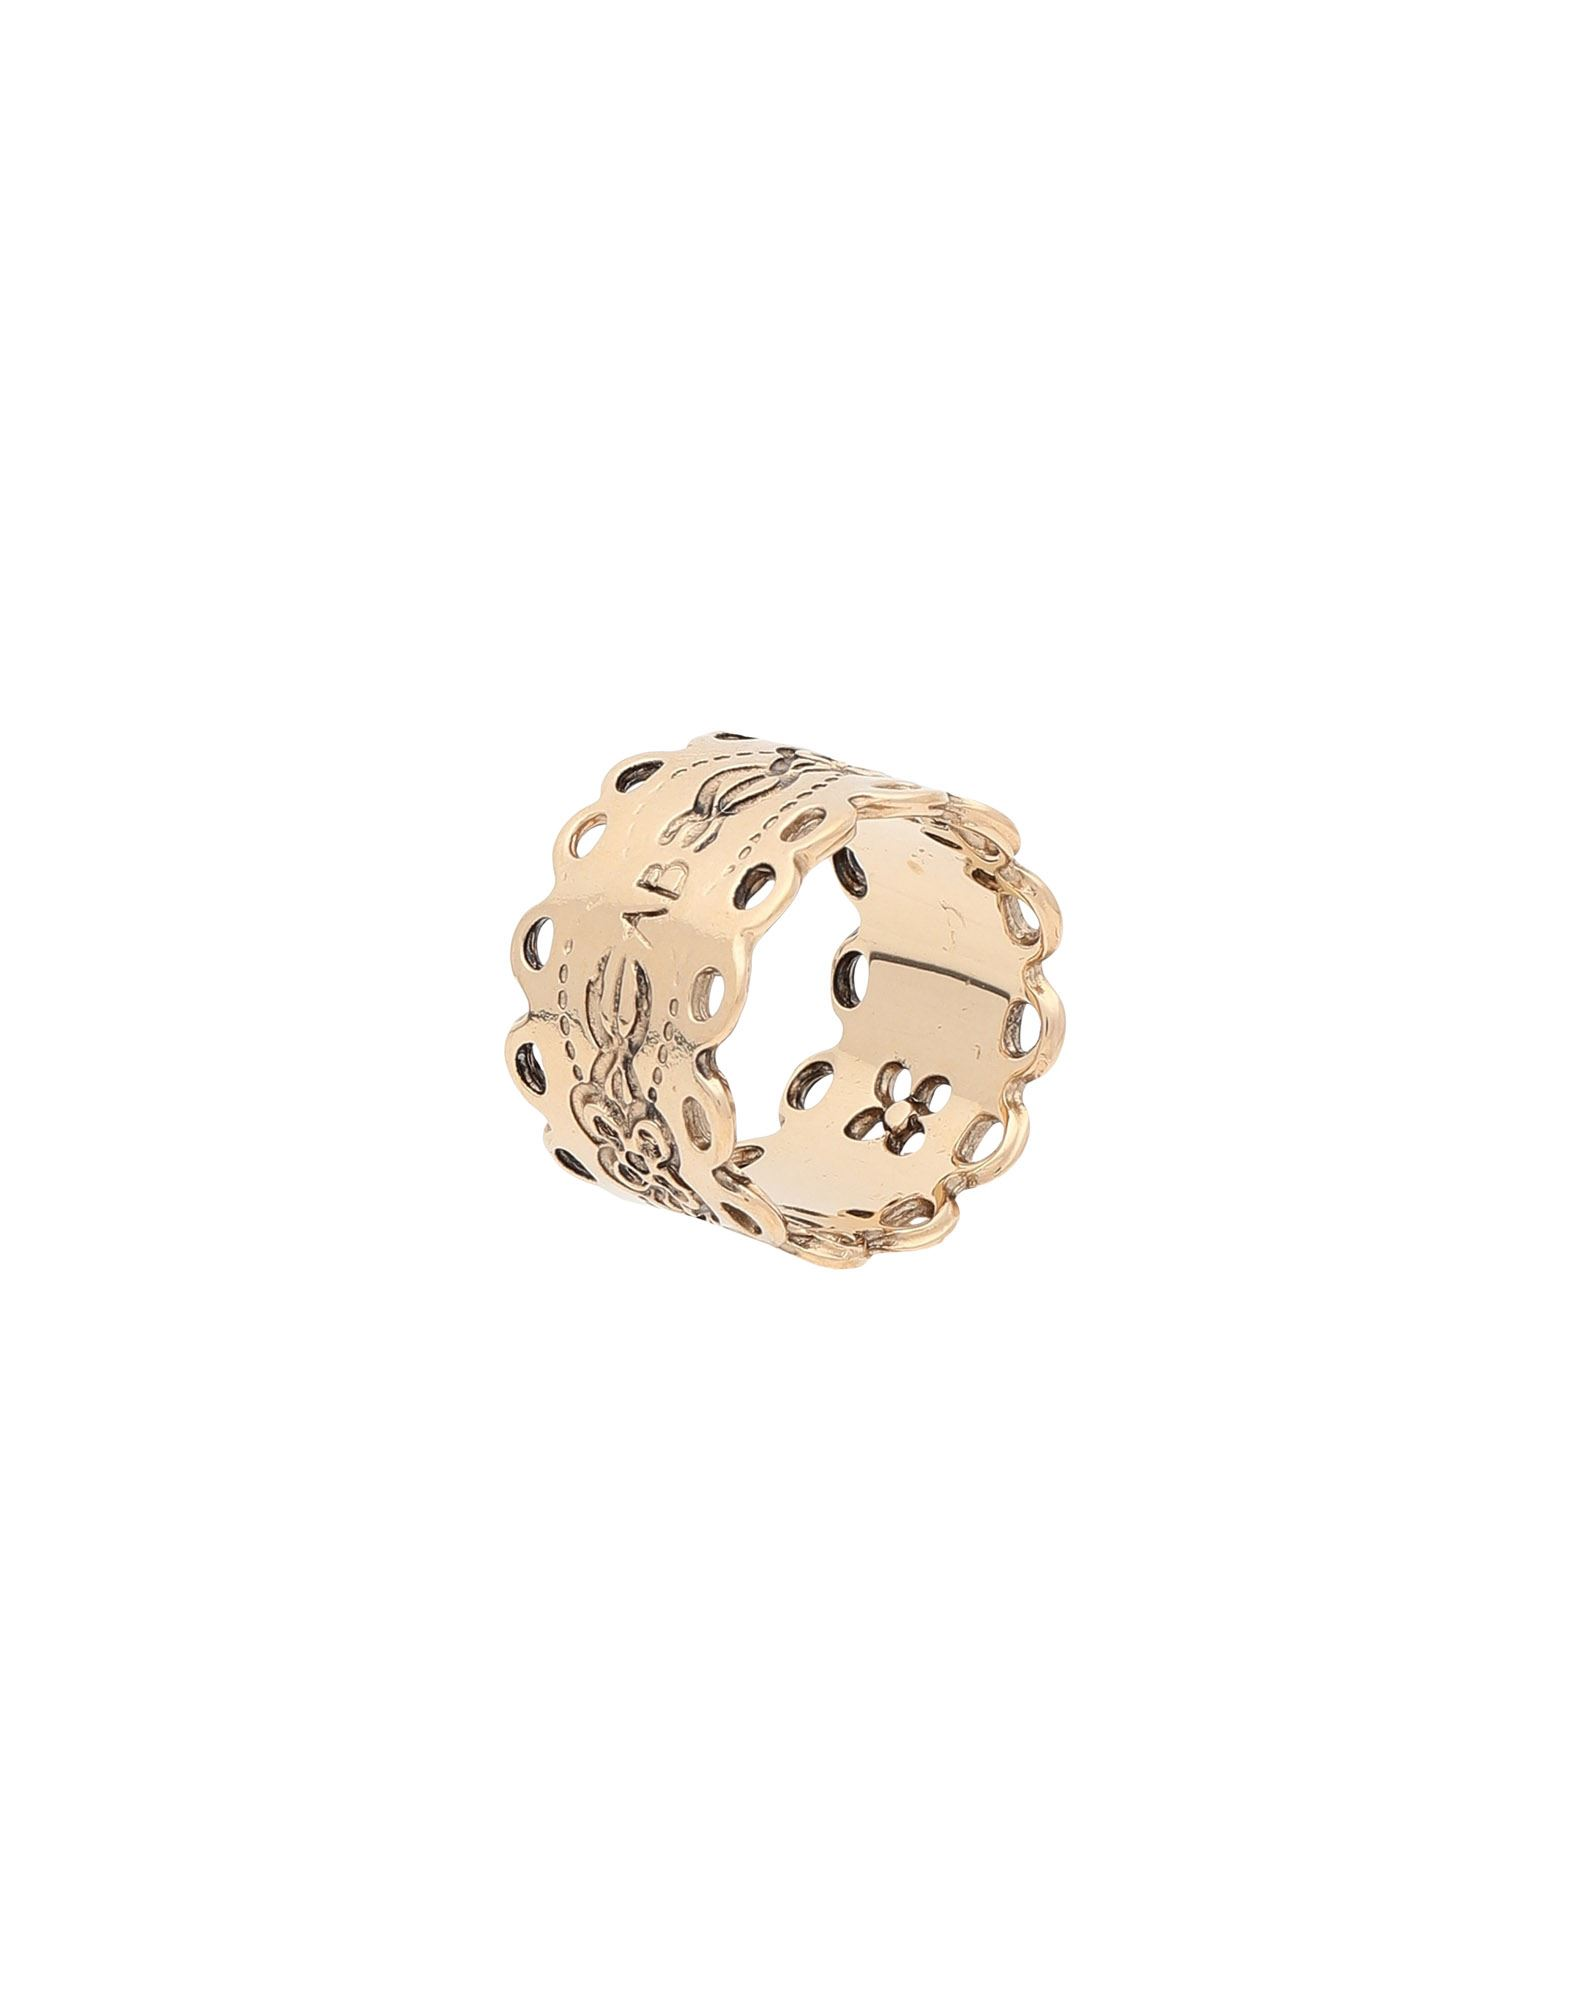 《セール開催中》AUR?LIE BIDERMANN レディース 指輪 ゴールド 52 金属